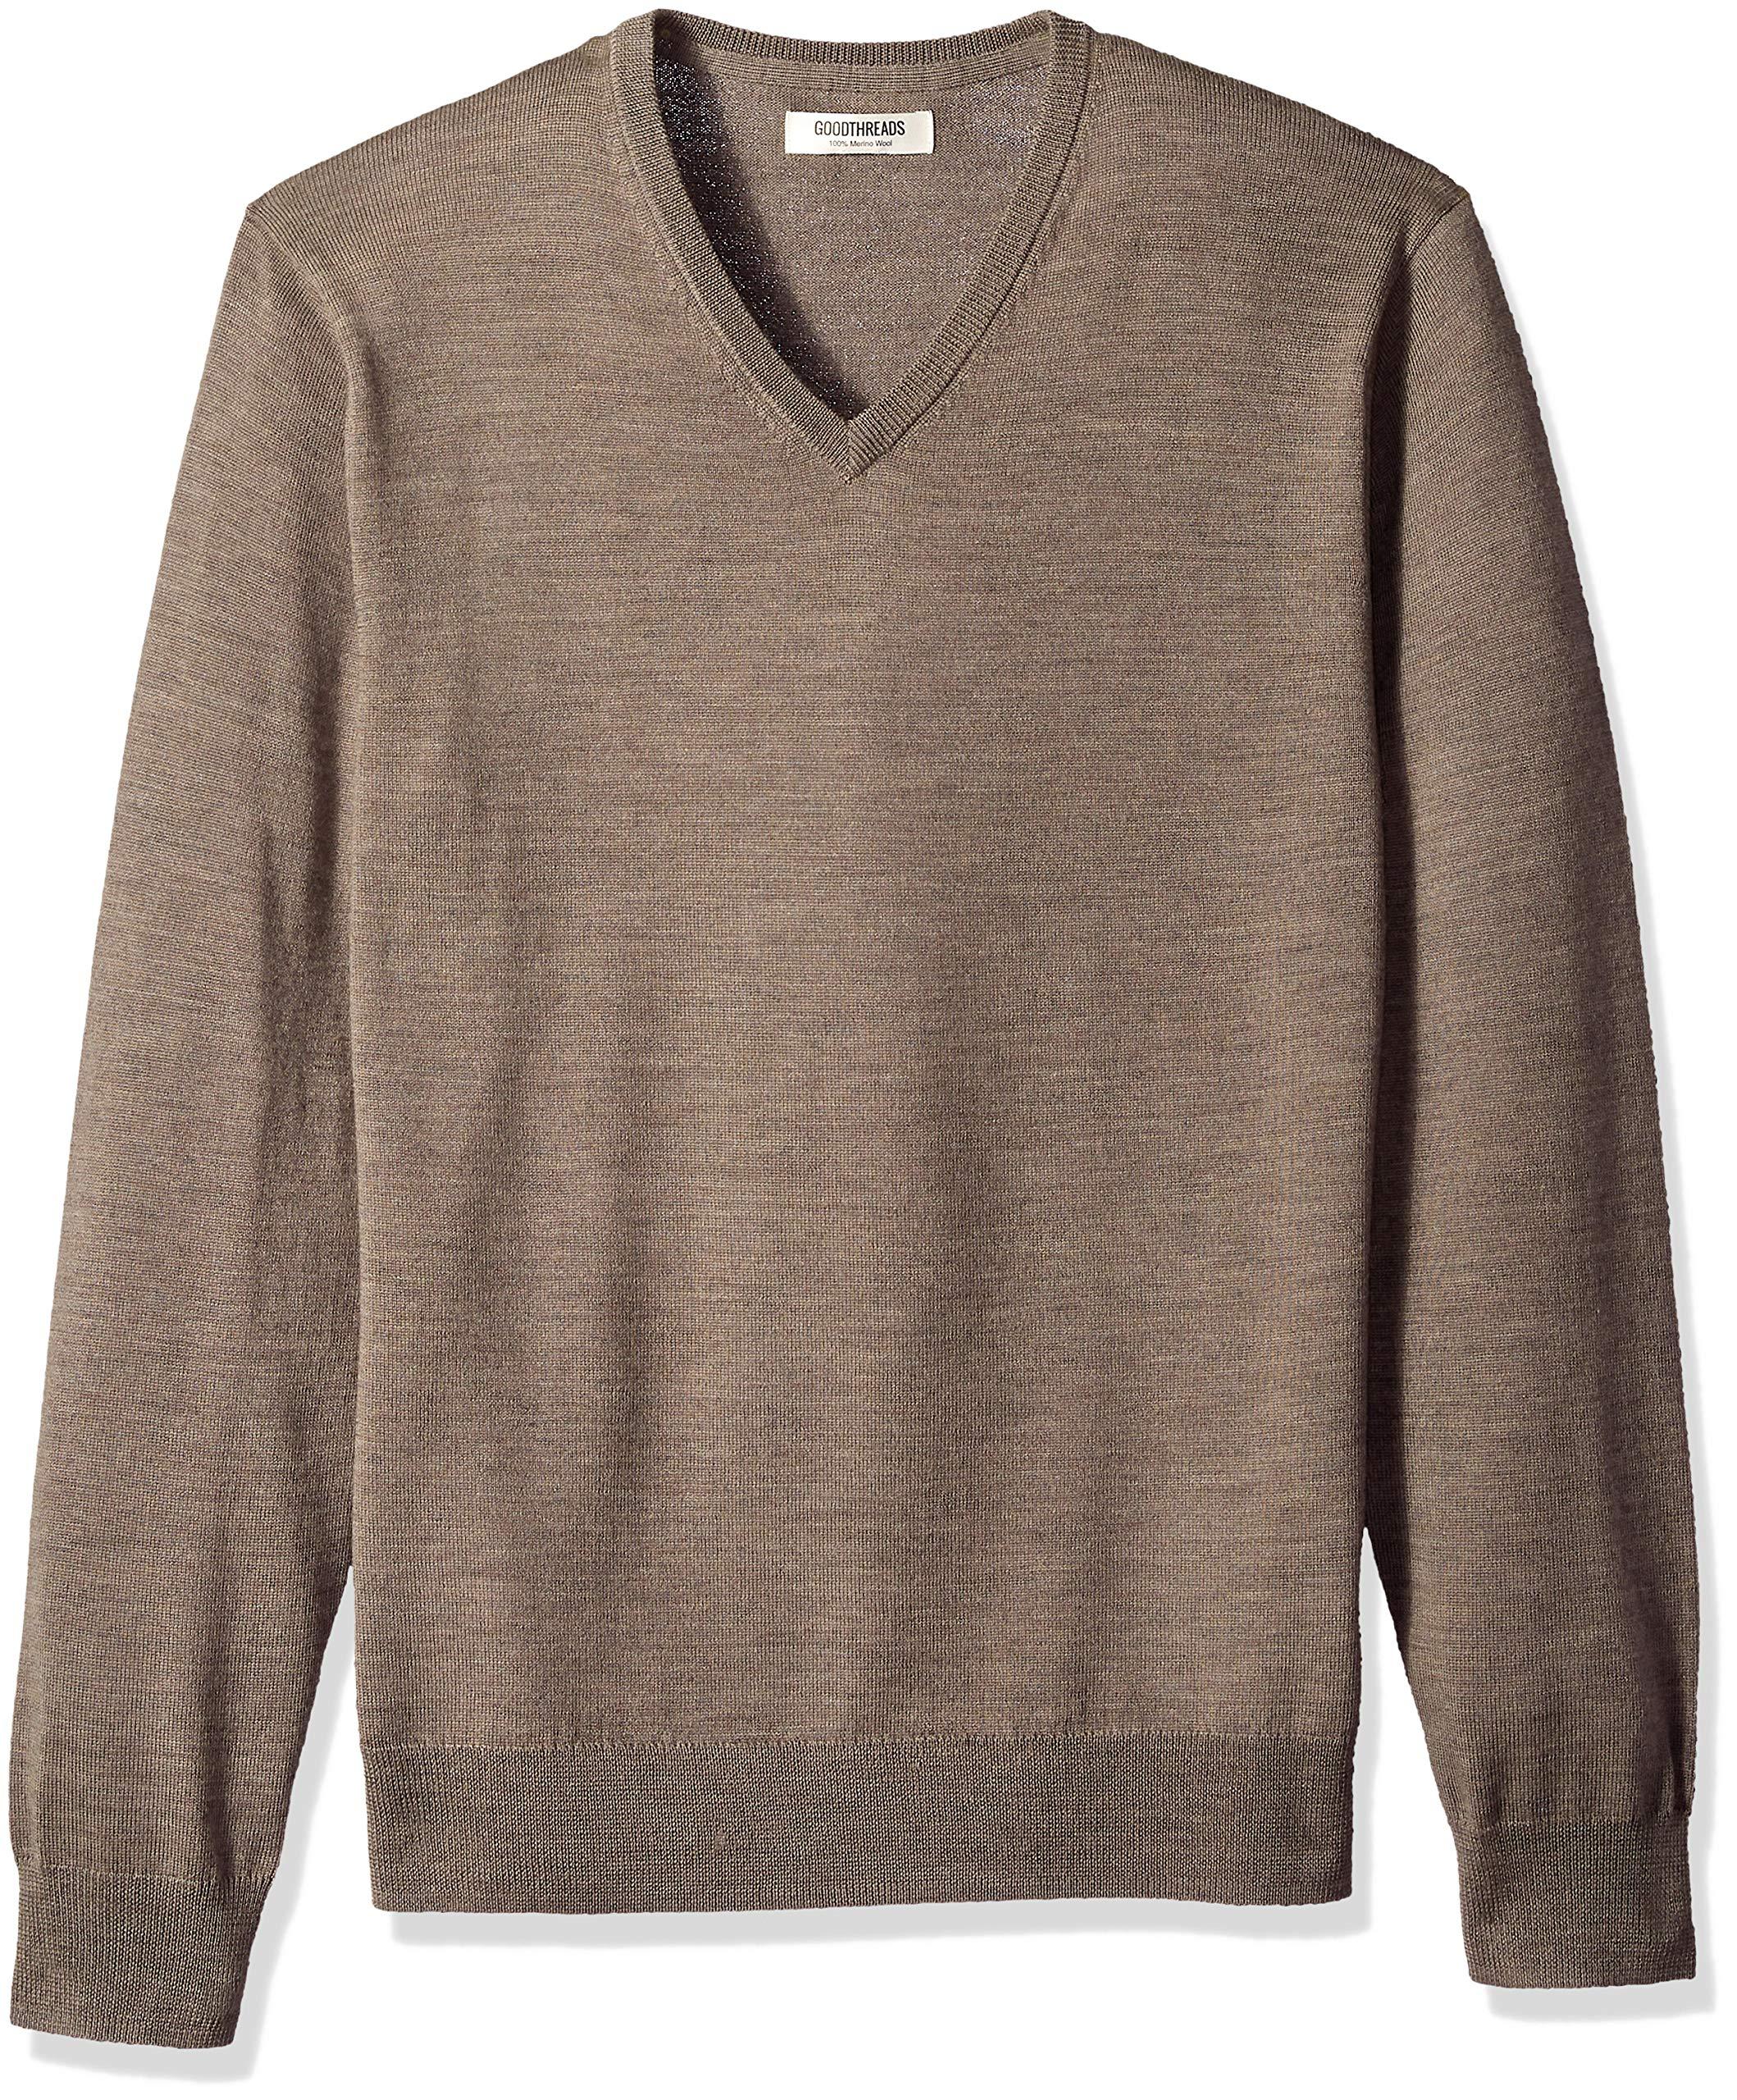 Goodthreads Men's Merino Wool V-Neck Sweater, Light Brown, Large